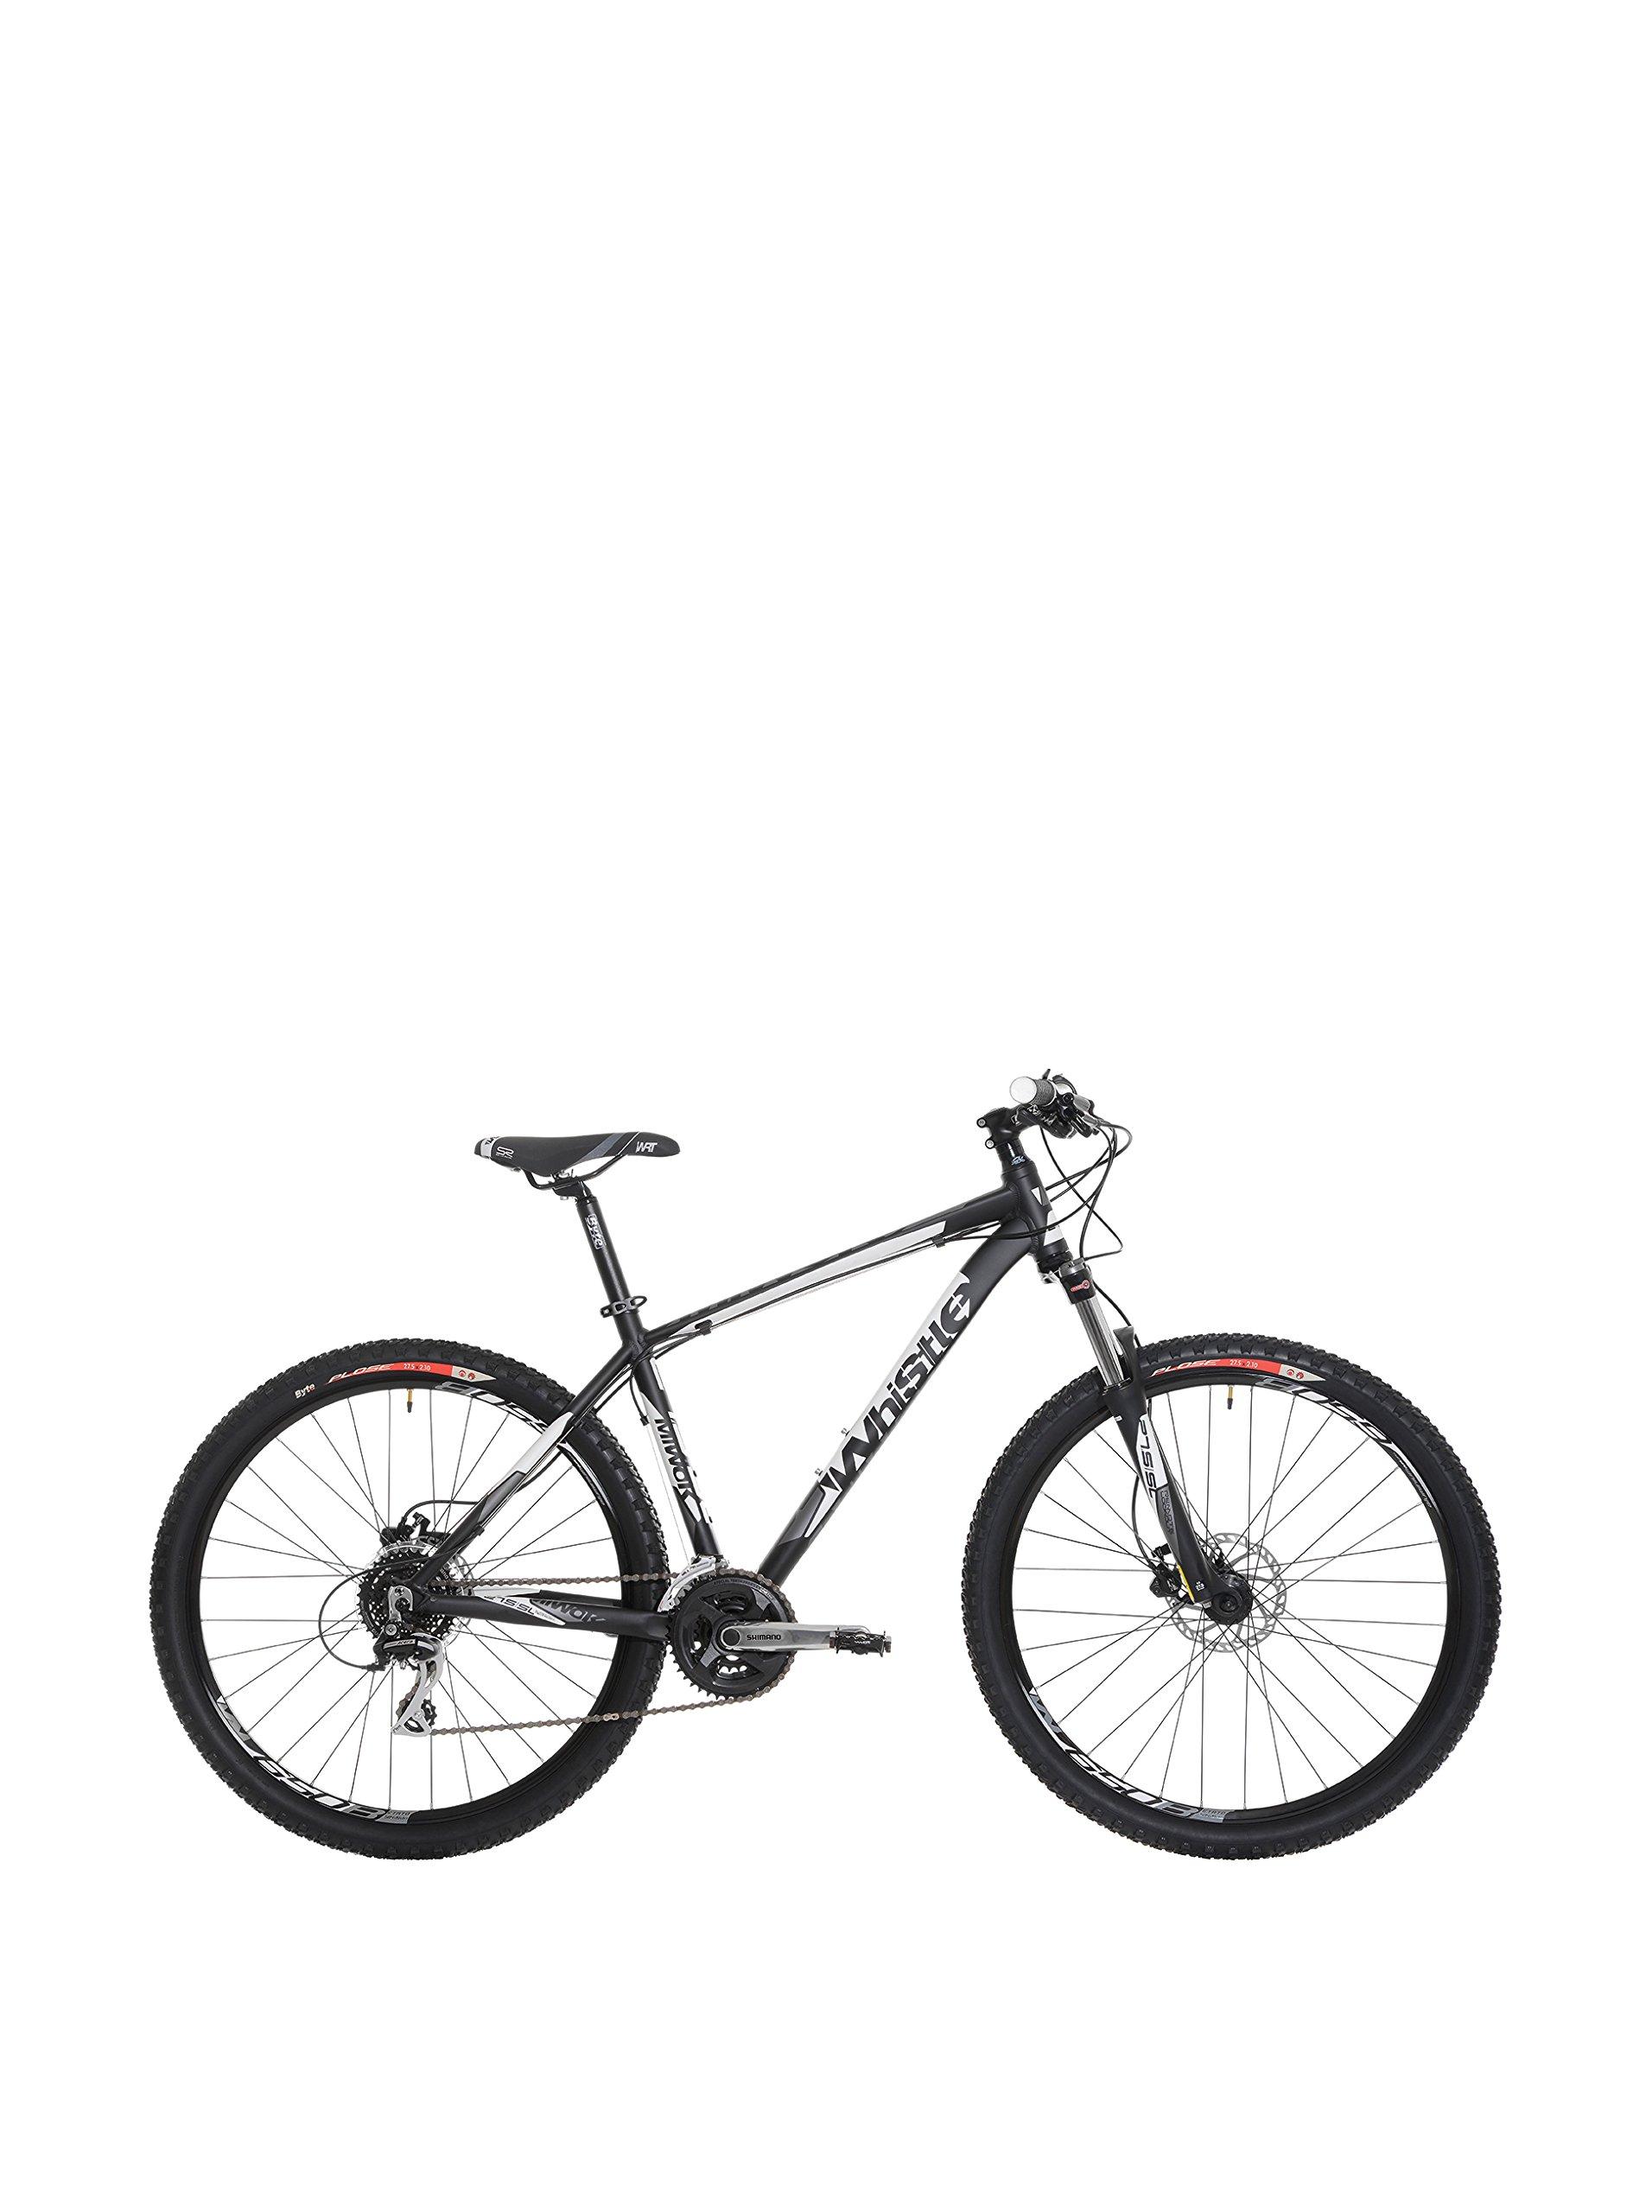 Whistle Bicicleta MTB Front Susp. 15 Miwok 1503 24S BLK/Wht Mat M: Amazon.es: Deportes y aire libre